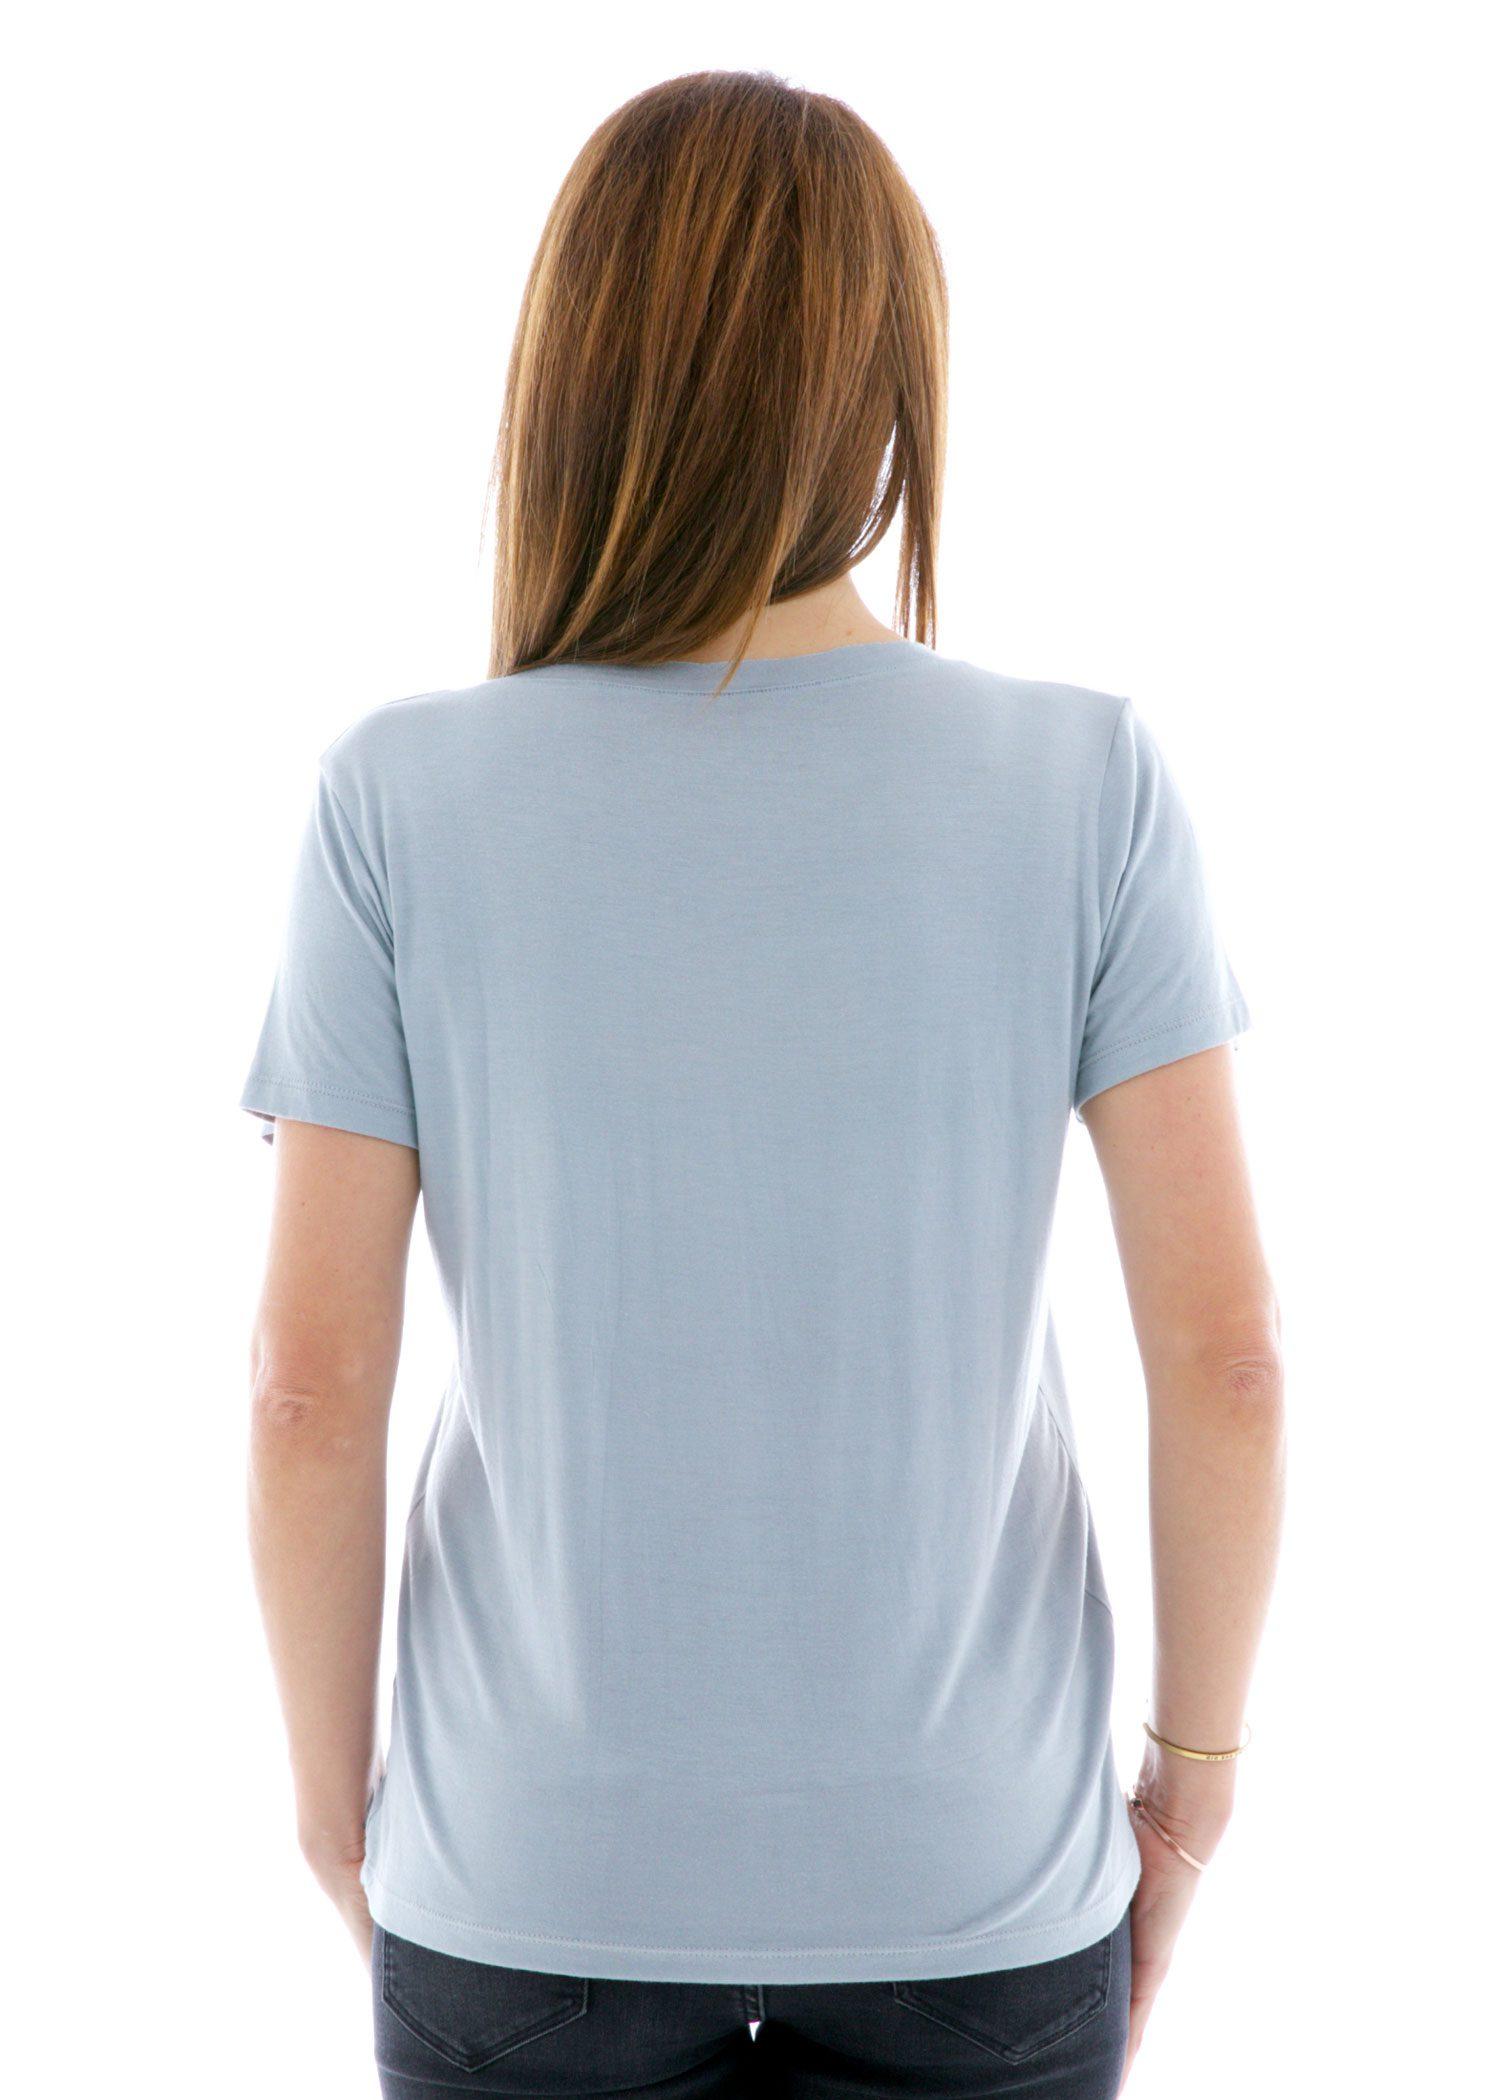 Women's Relaxed Crew Short Sleeve T-Shirt